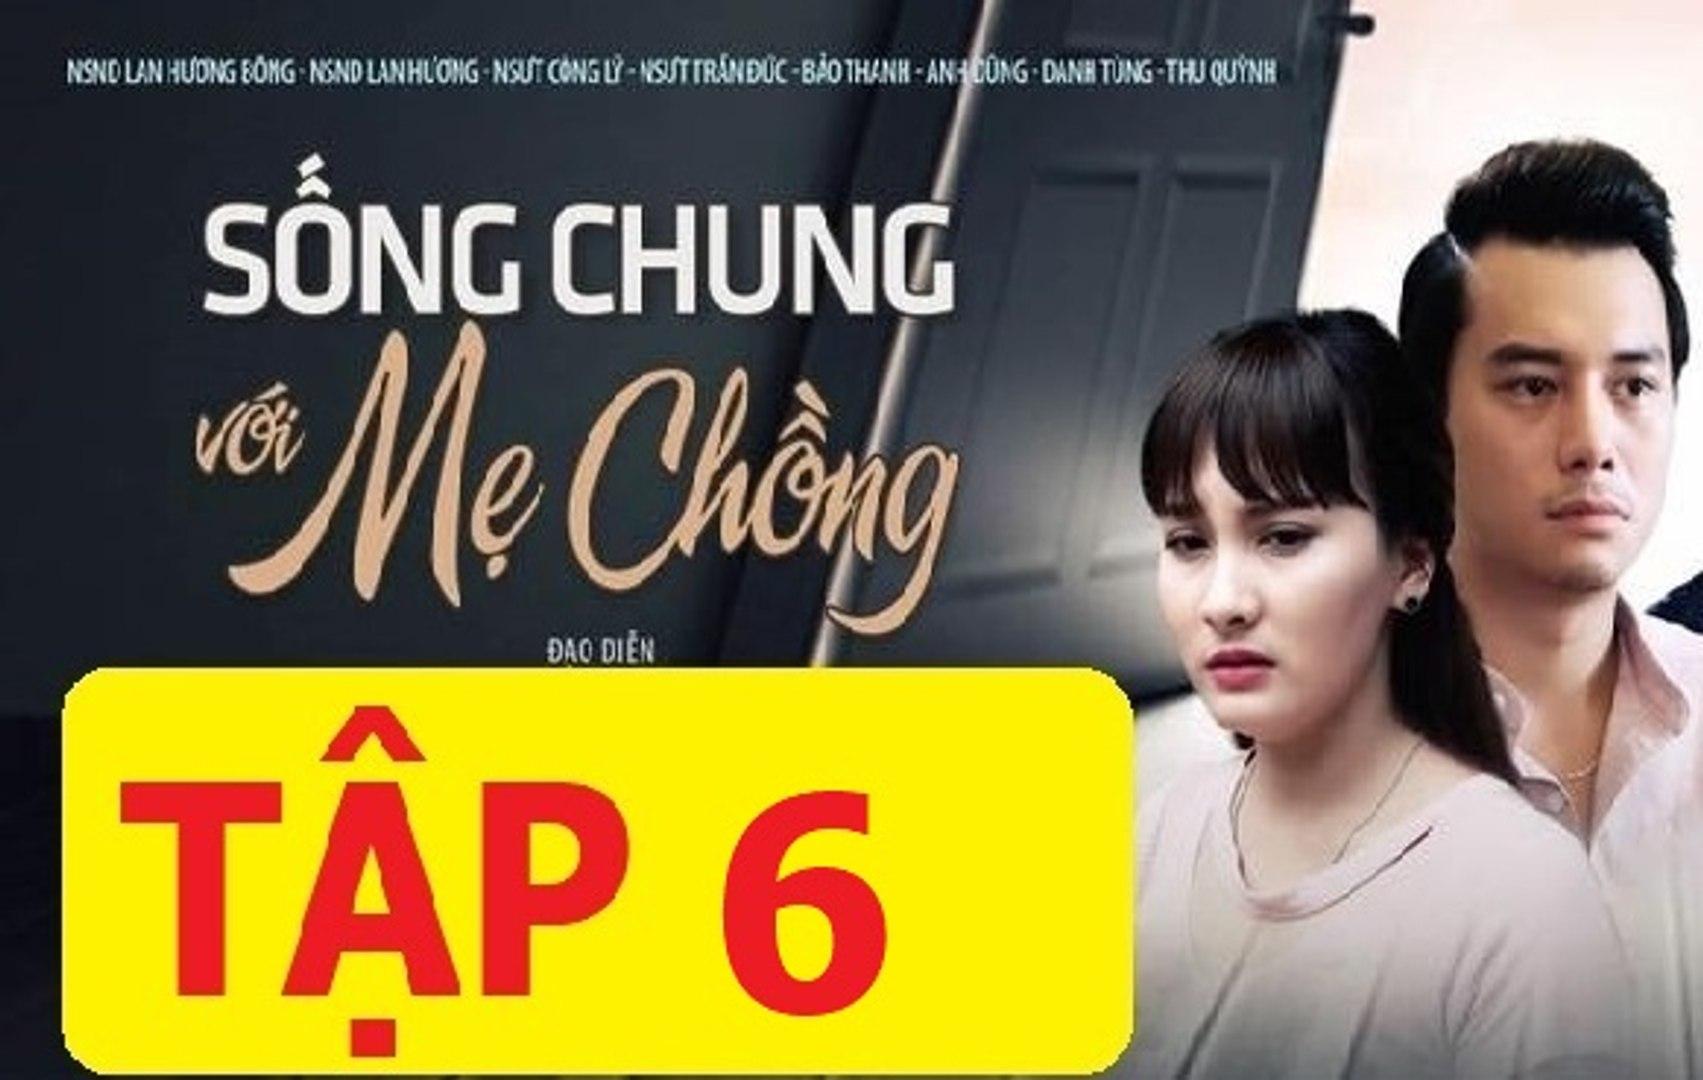 Sống Chung Với Mẹ Chồng Tập 6 Full VTV1 14/4/2017 | Song Chung Voi Me Chong tap 6